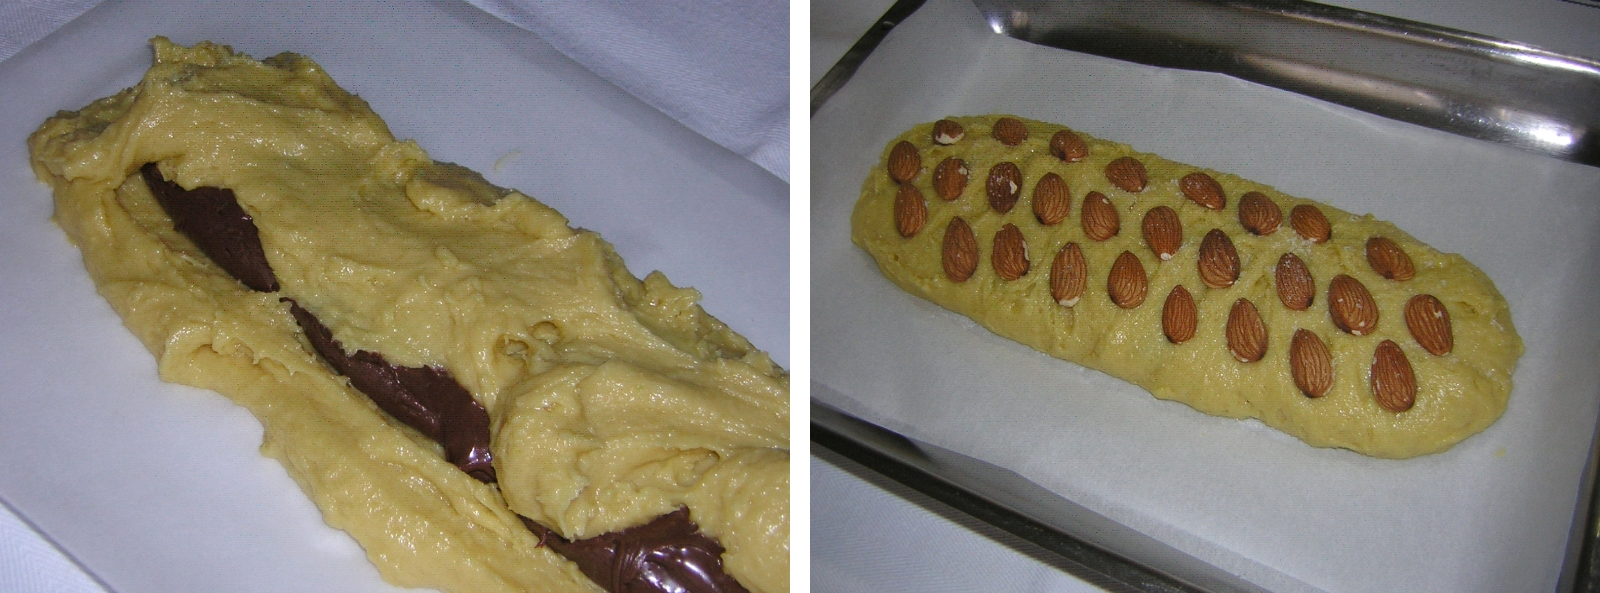 preparazione 2 del ciambellone con nutella